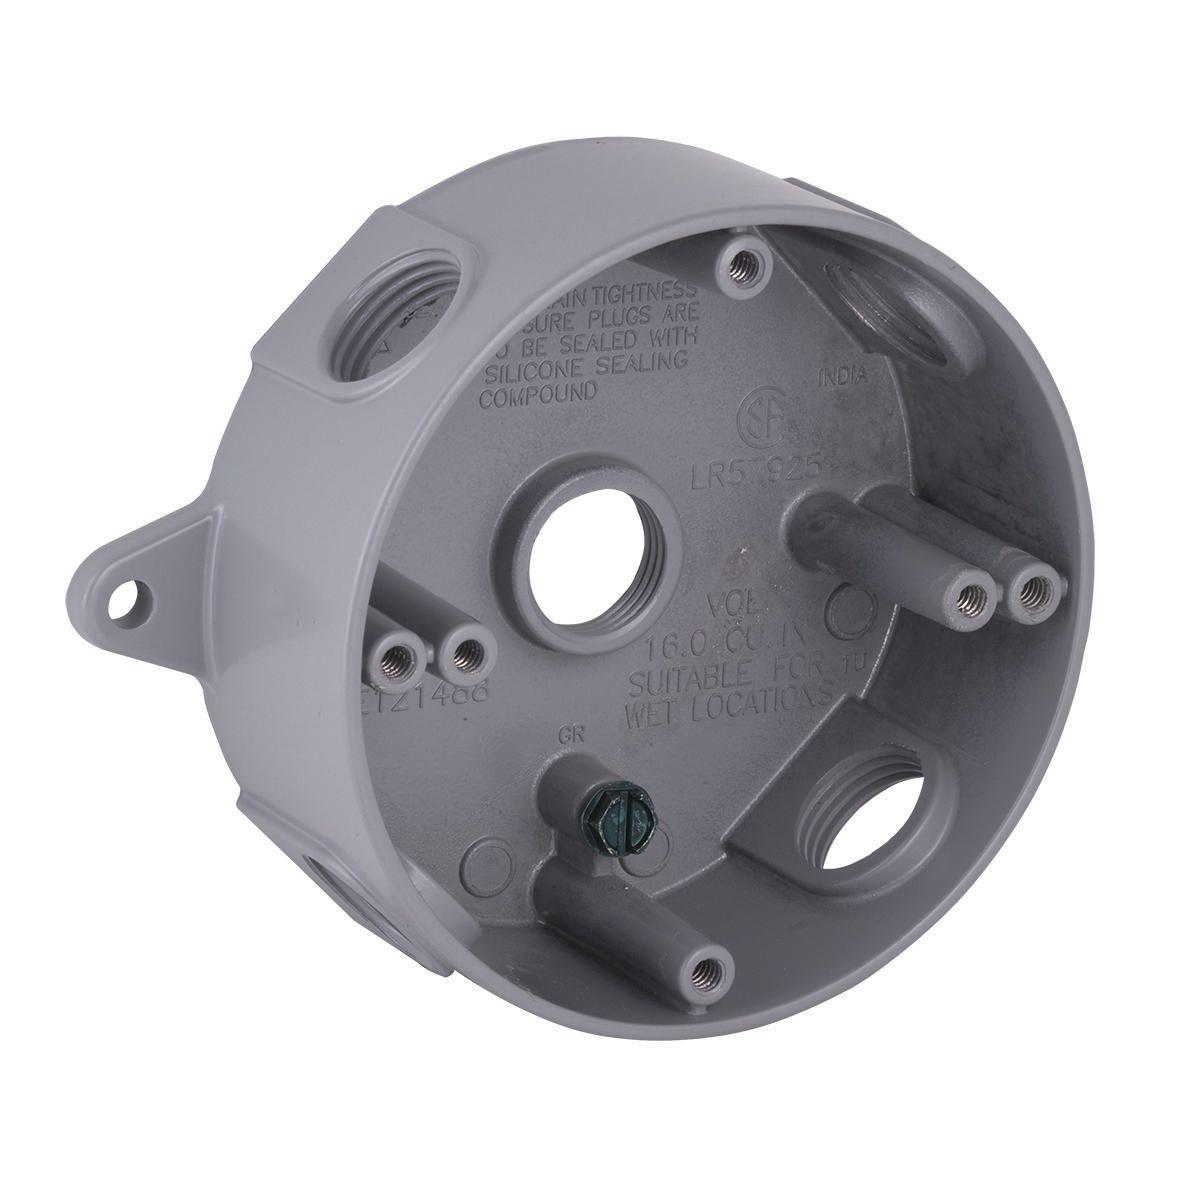 Hubbell-Raco 5361-0 BELL Weatherproof Splice Box